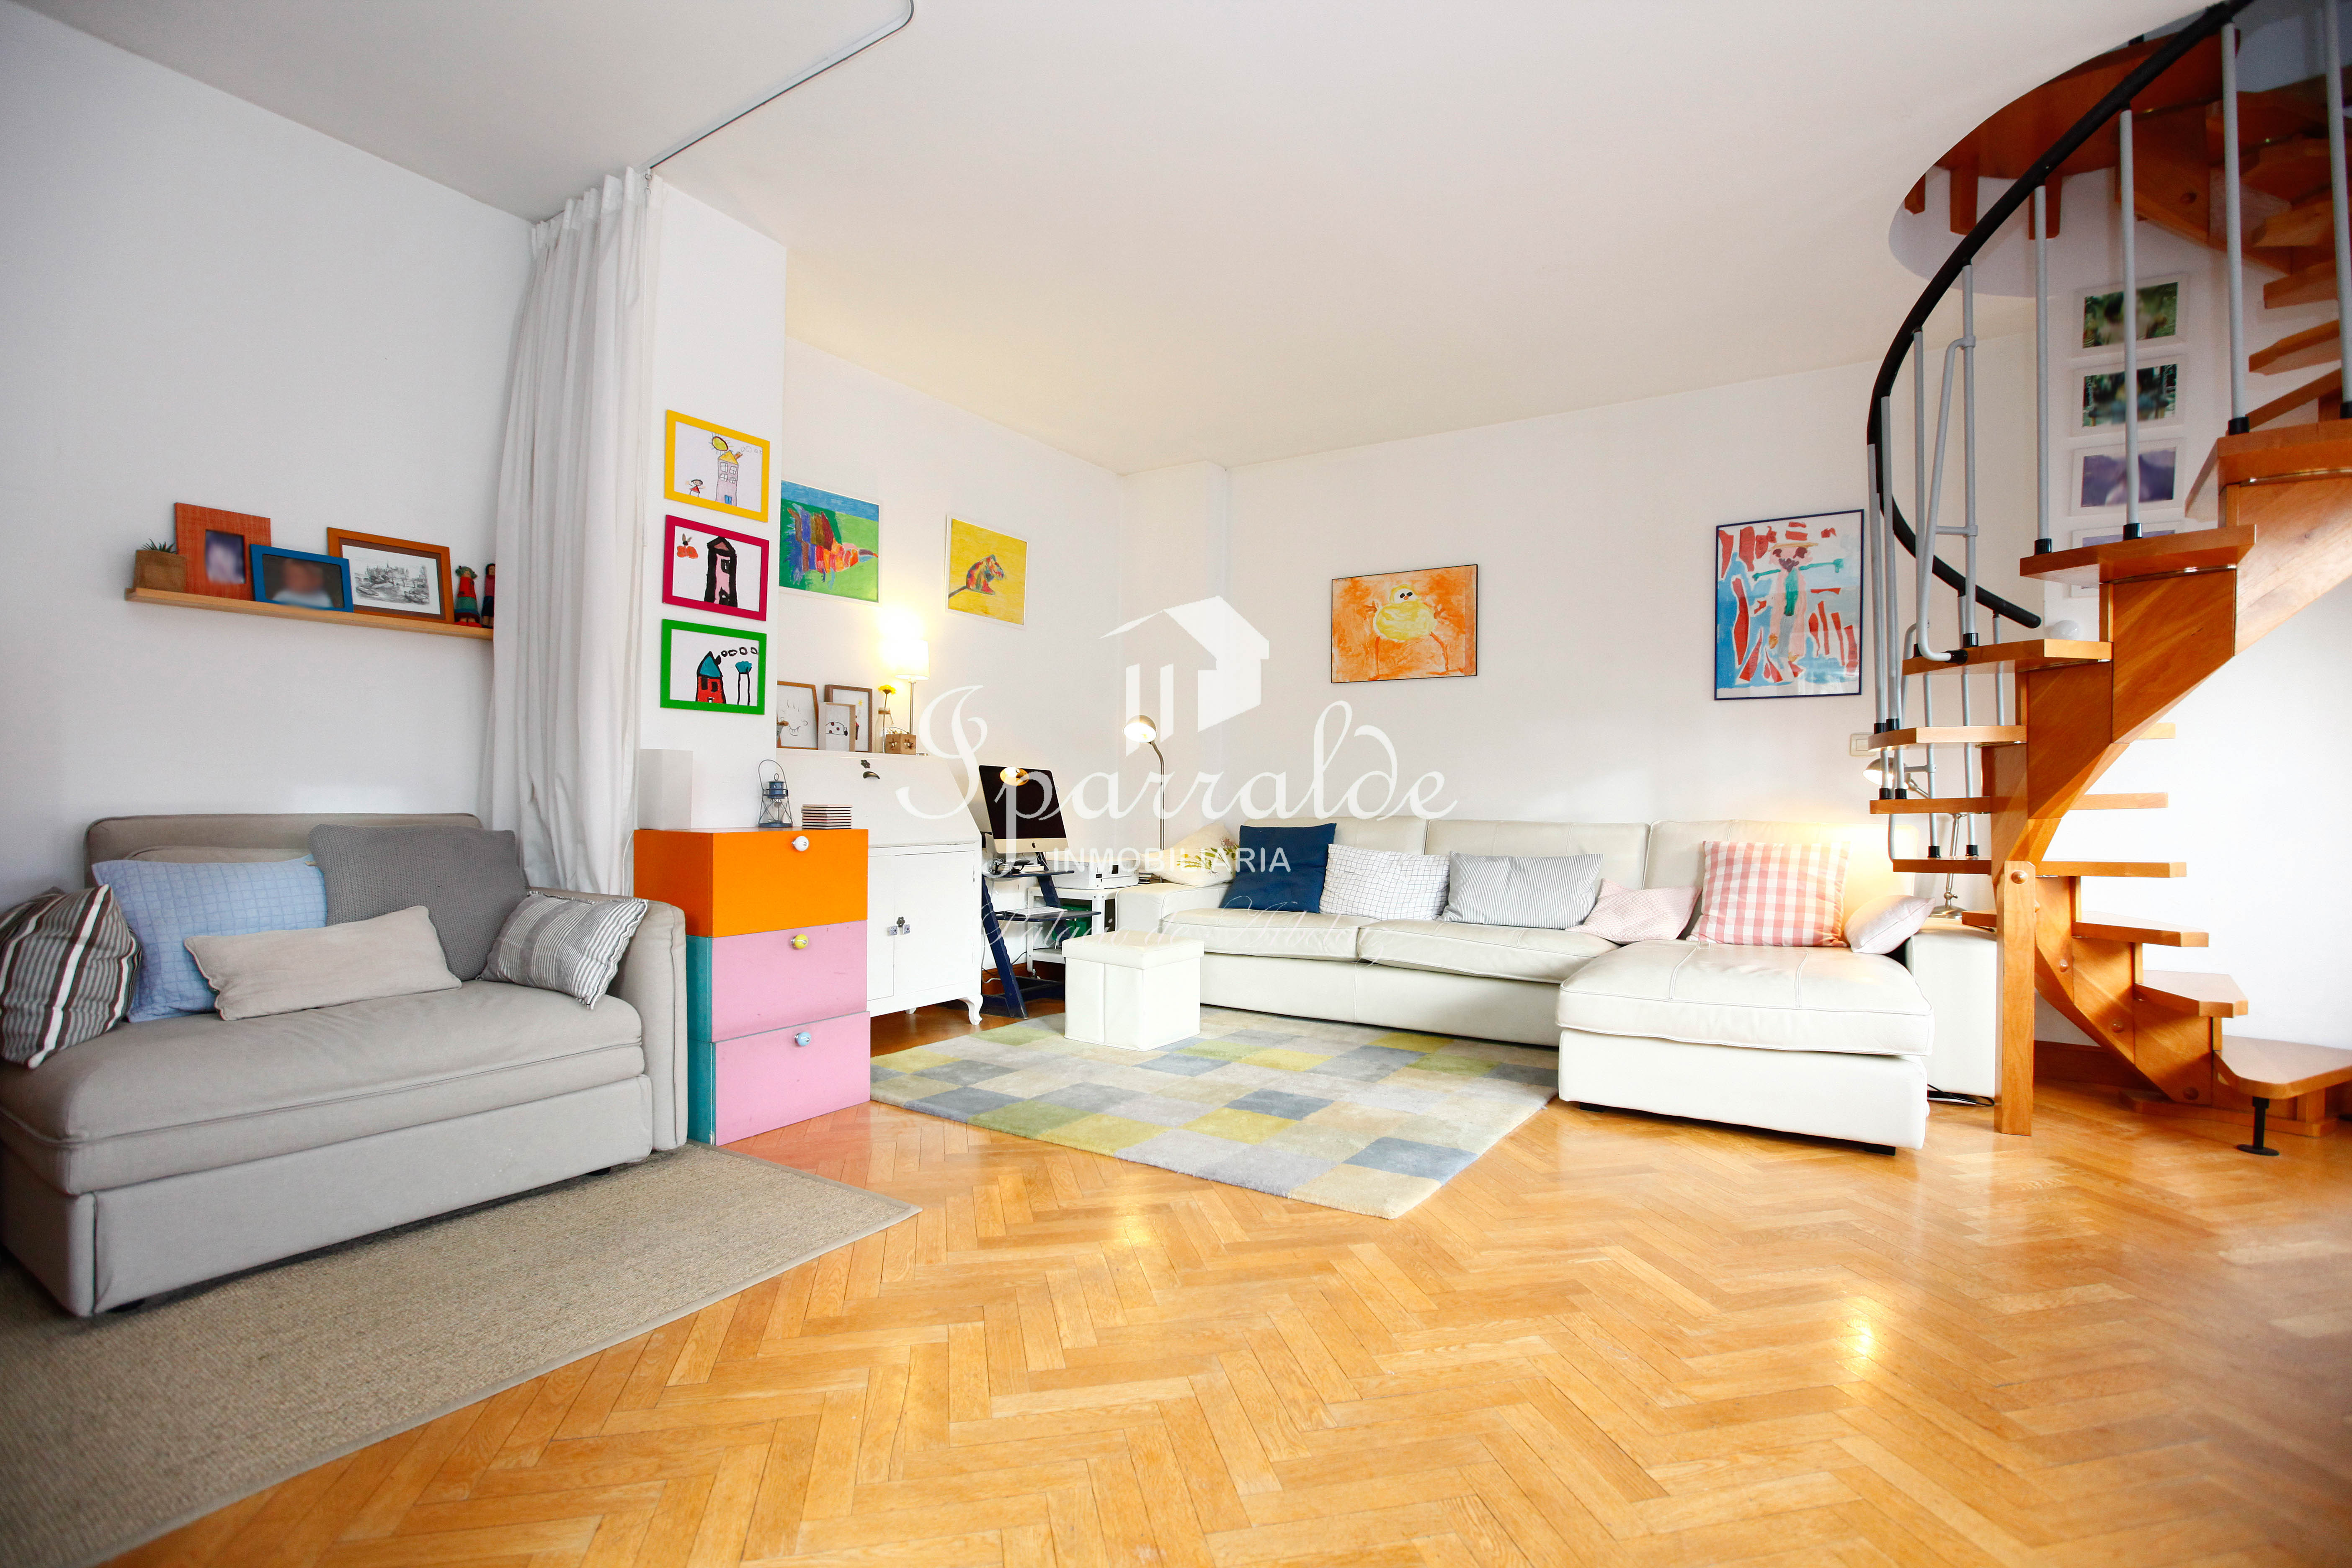 Singular y Exclusiva vivienda de 100 m2 en pleno Centro de Irun, del año 2.000, con espectacular salón de 35 m2